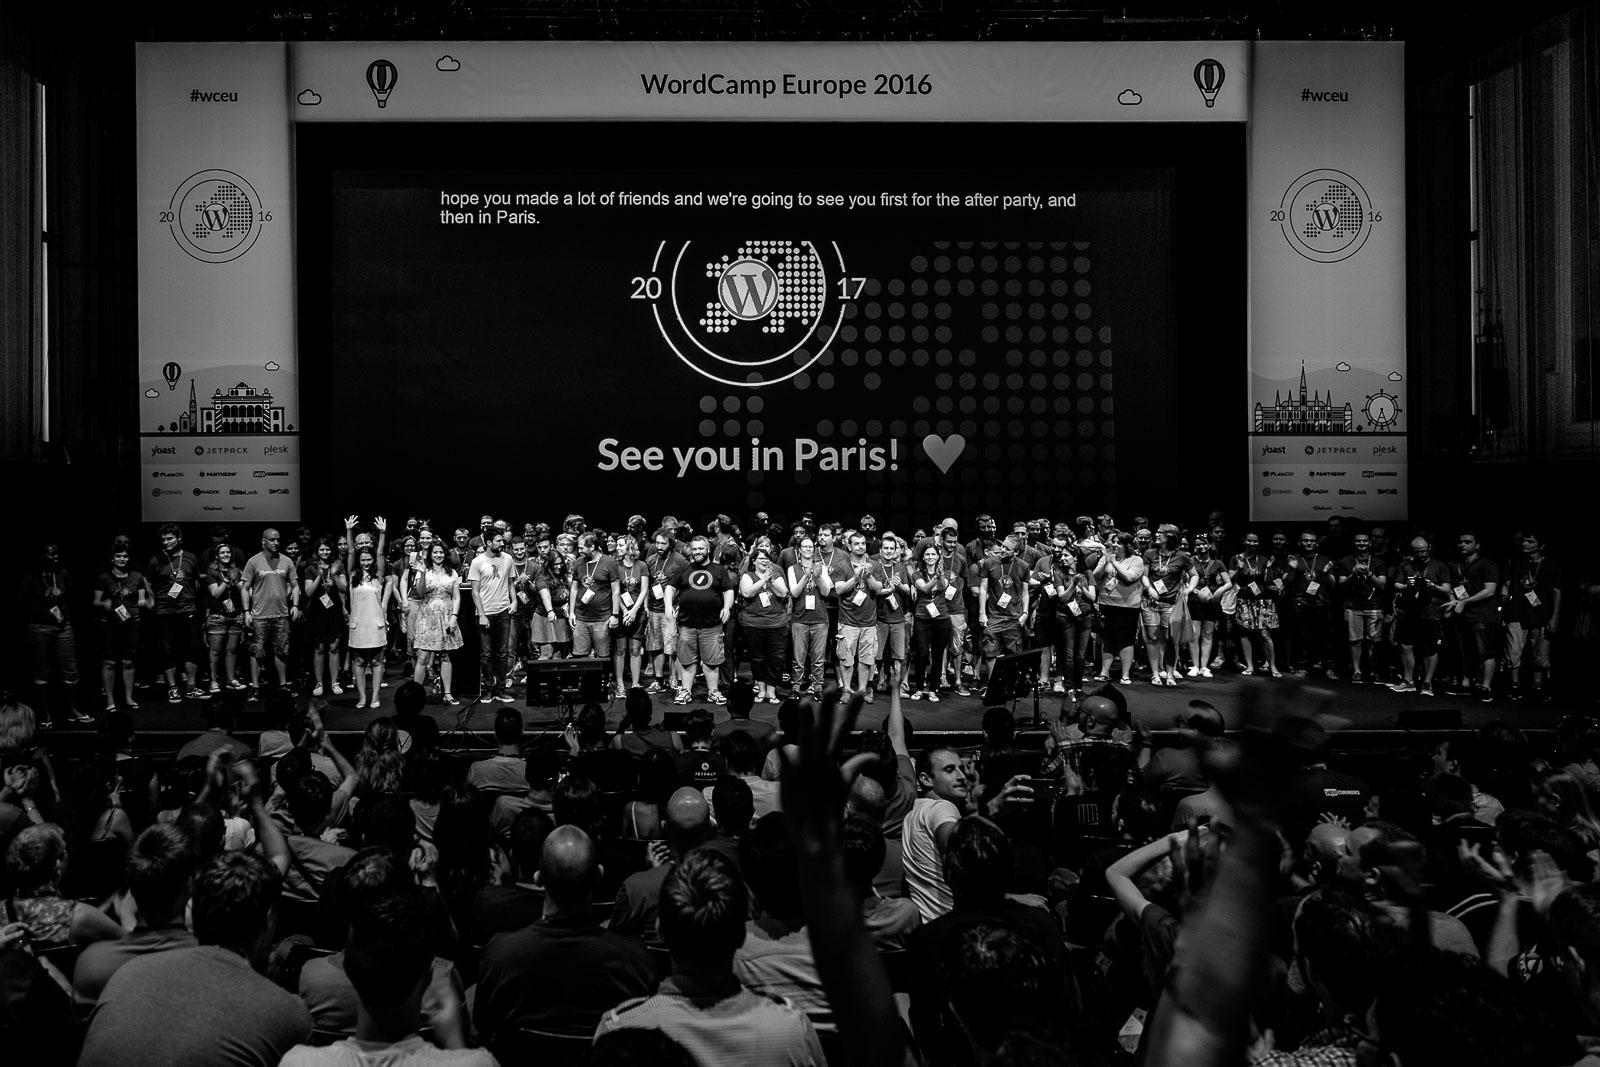 sito di incontri costruito su Wordpress Basta stabilirsi datazione